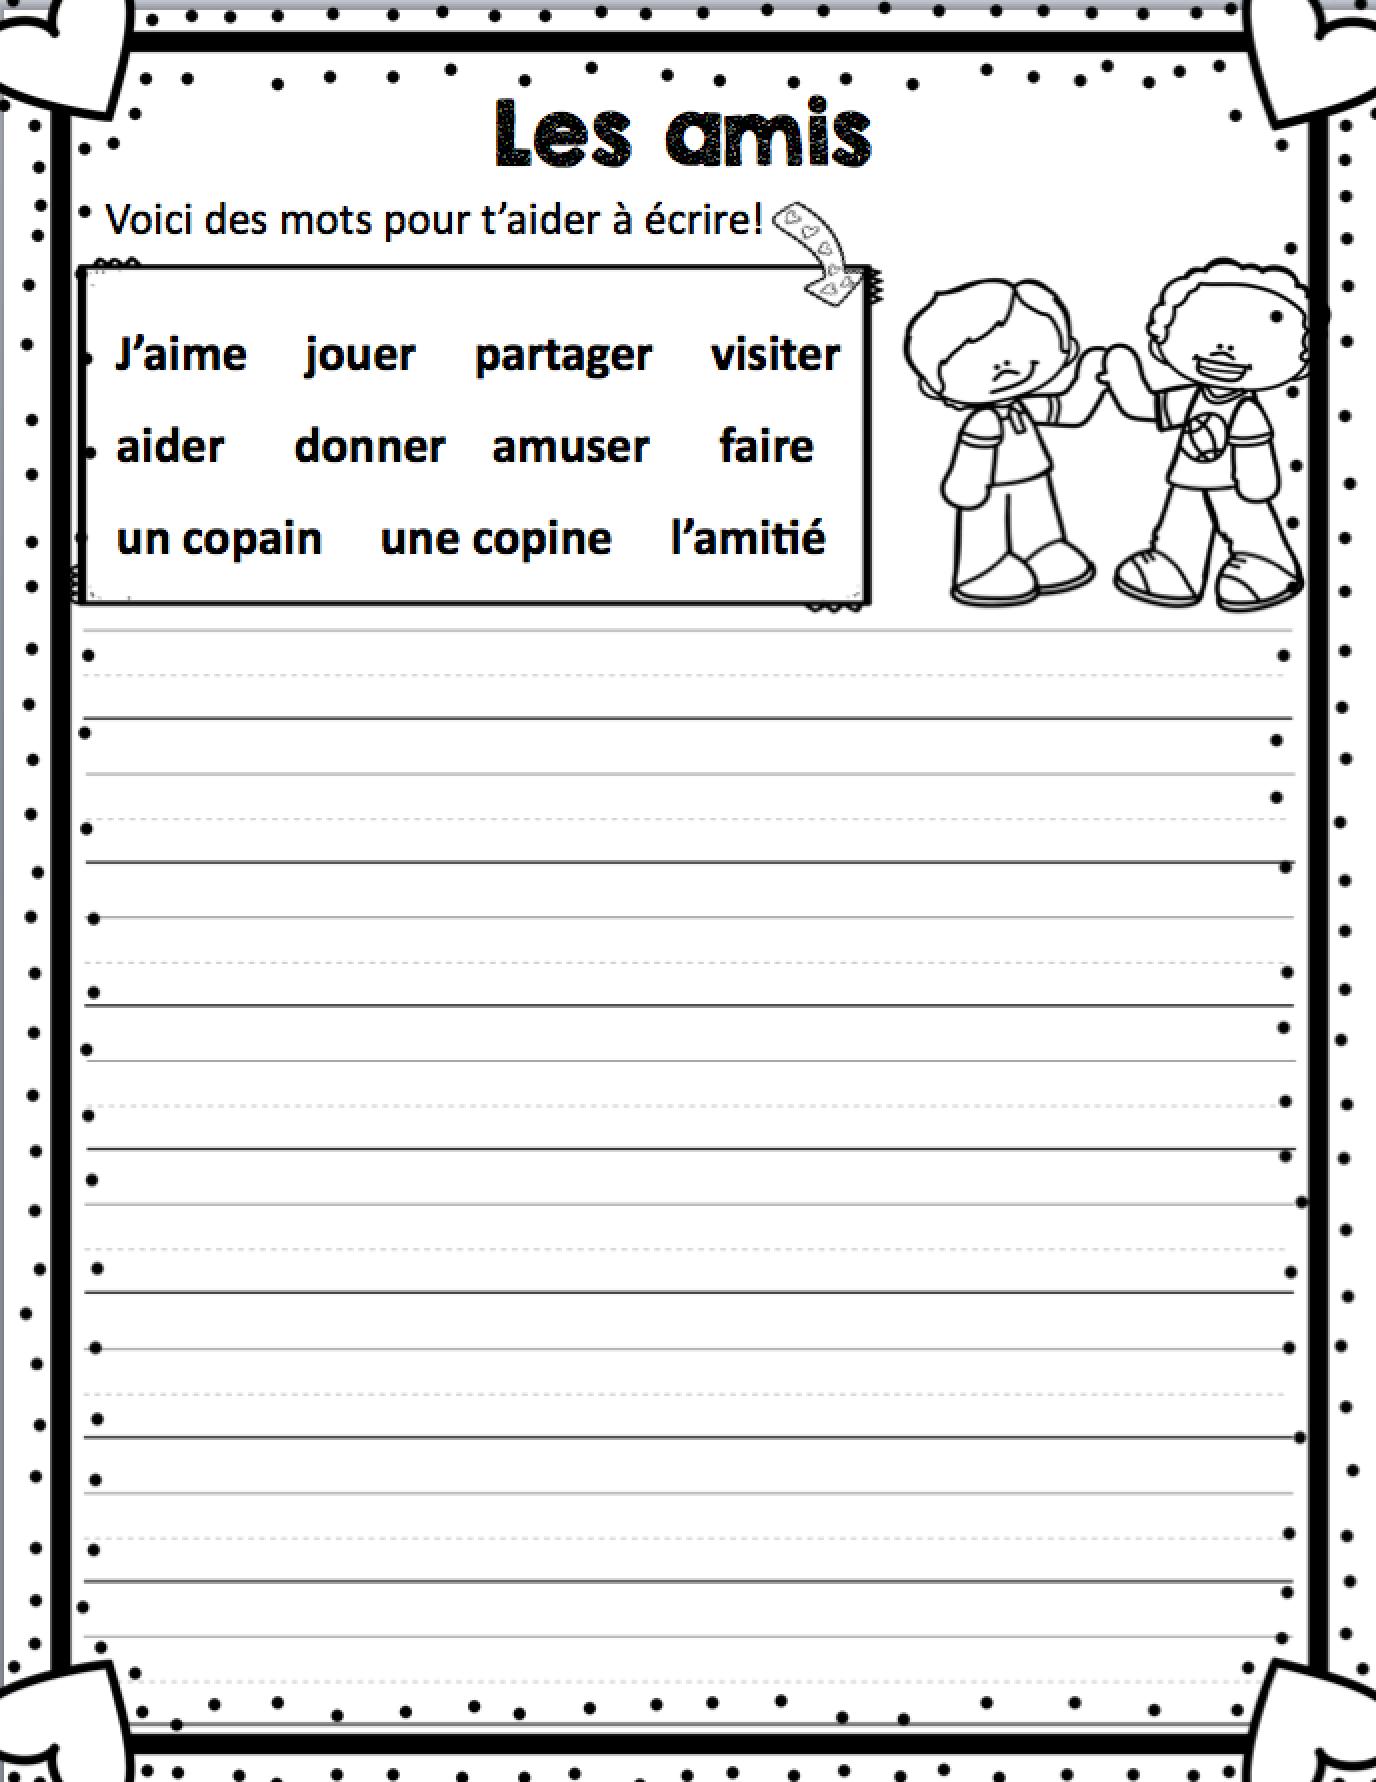 Comptine Et Activites Pour La Saint Valentin Et L Amitie French Valentine S Day